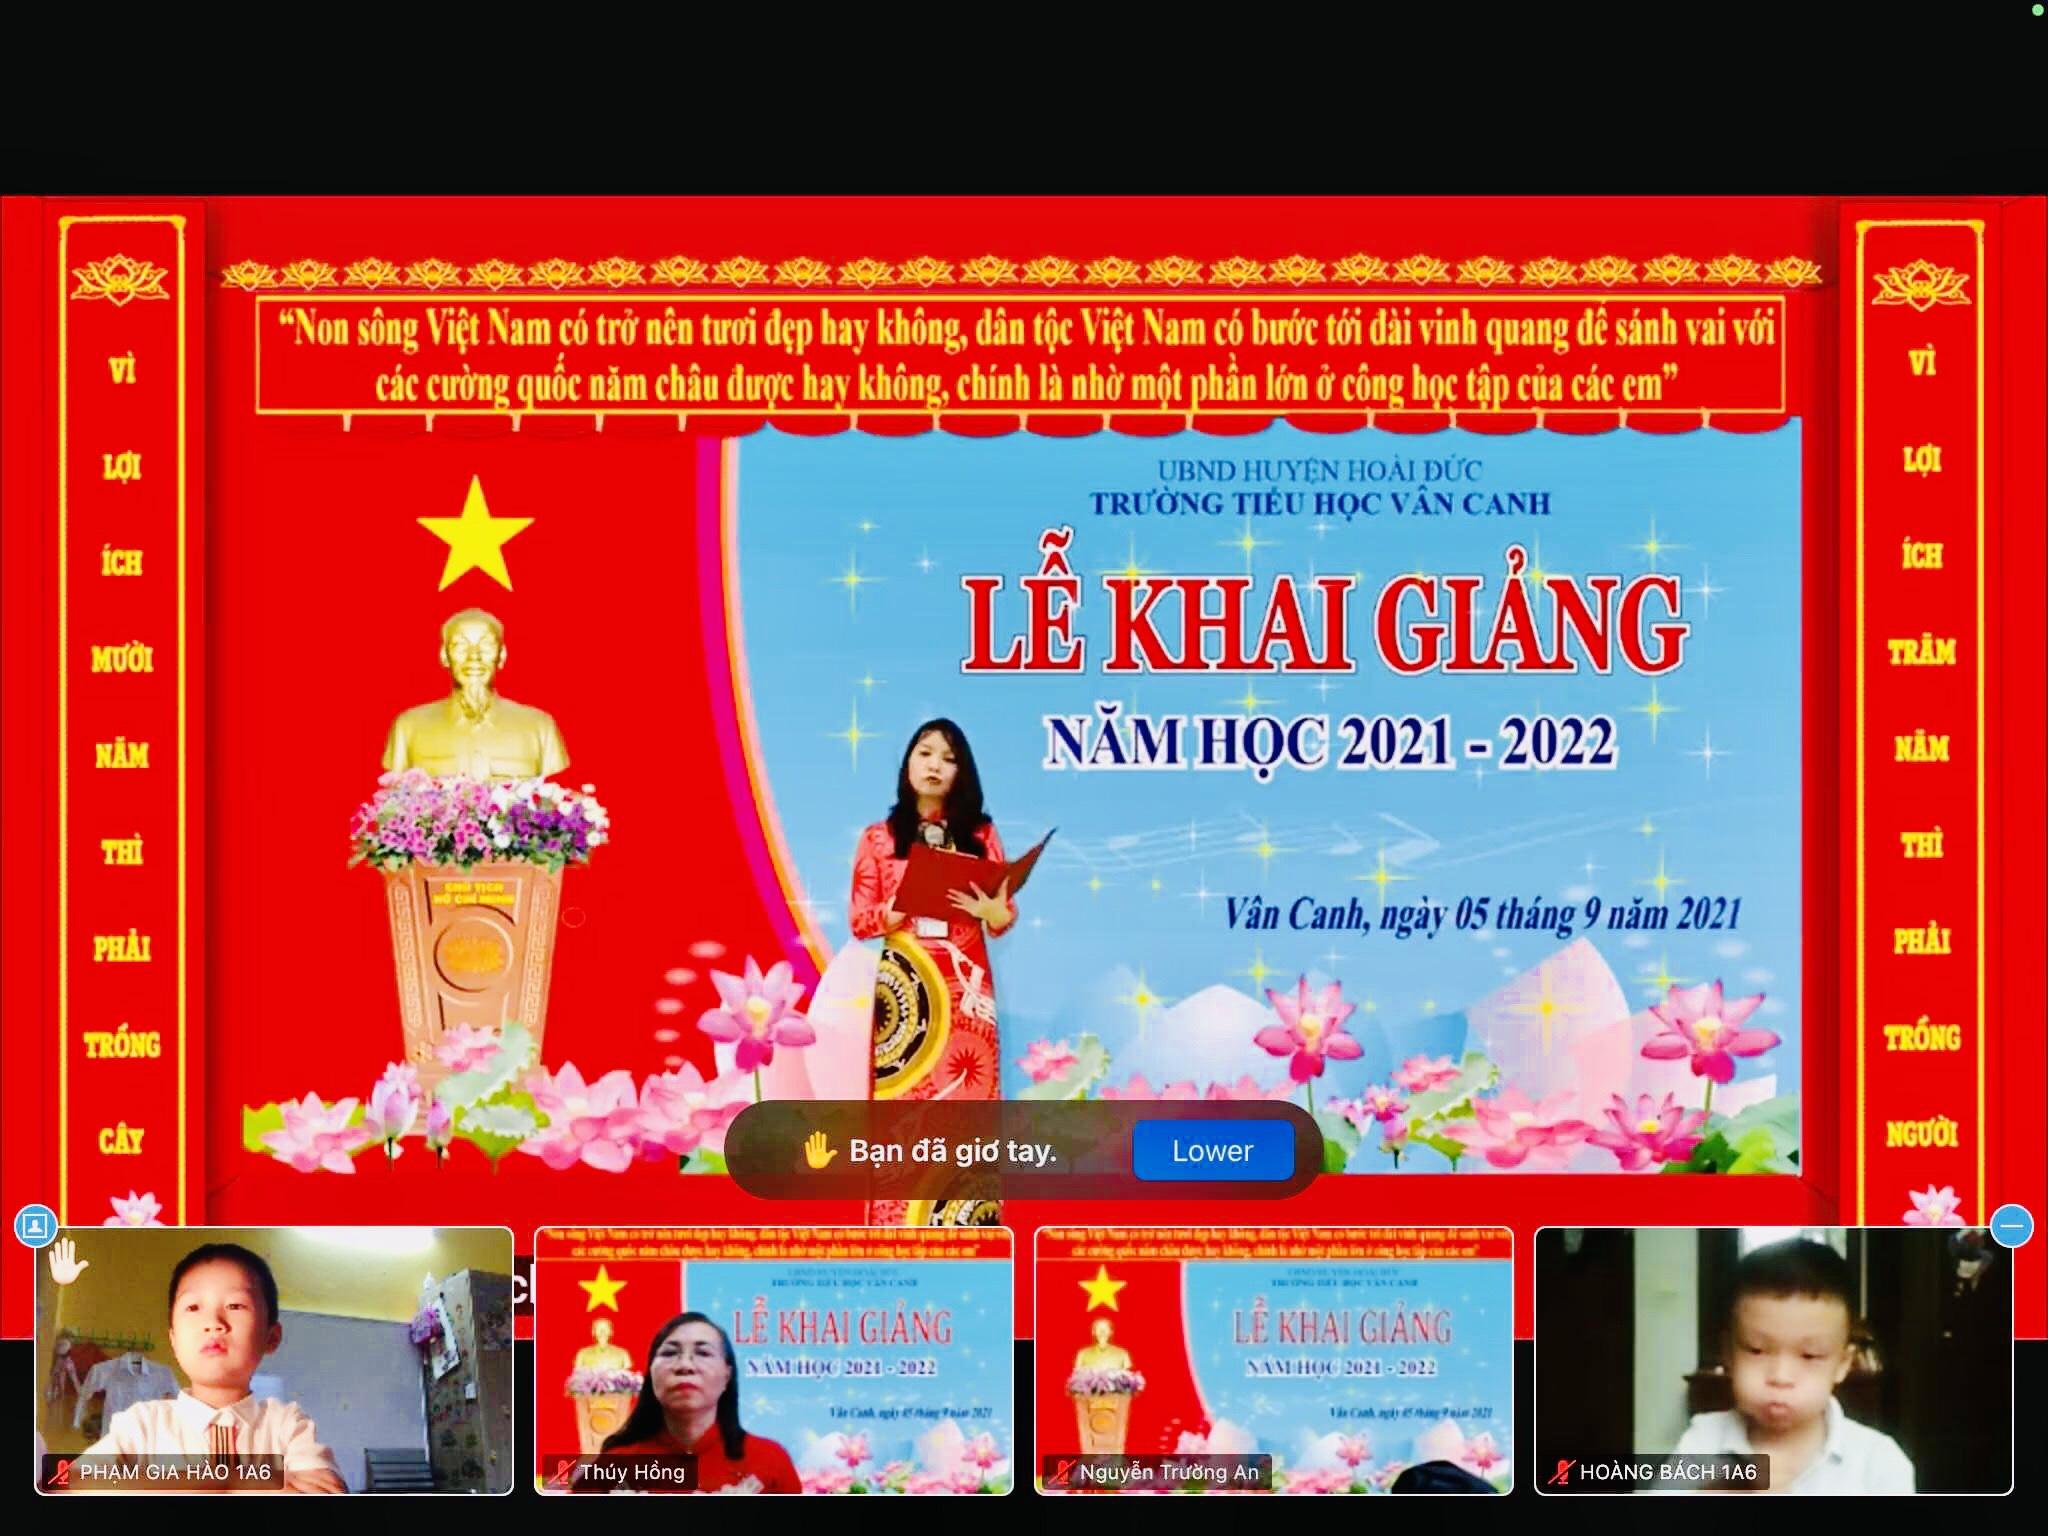 Cô Nguyễn Thị Hiền Lương - Hiệu trưởng đọc diễn văn khai mạc.